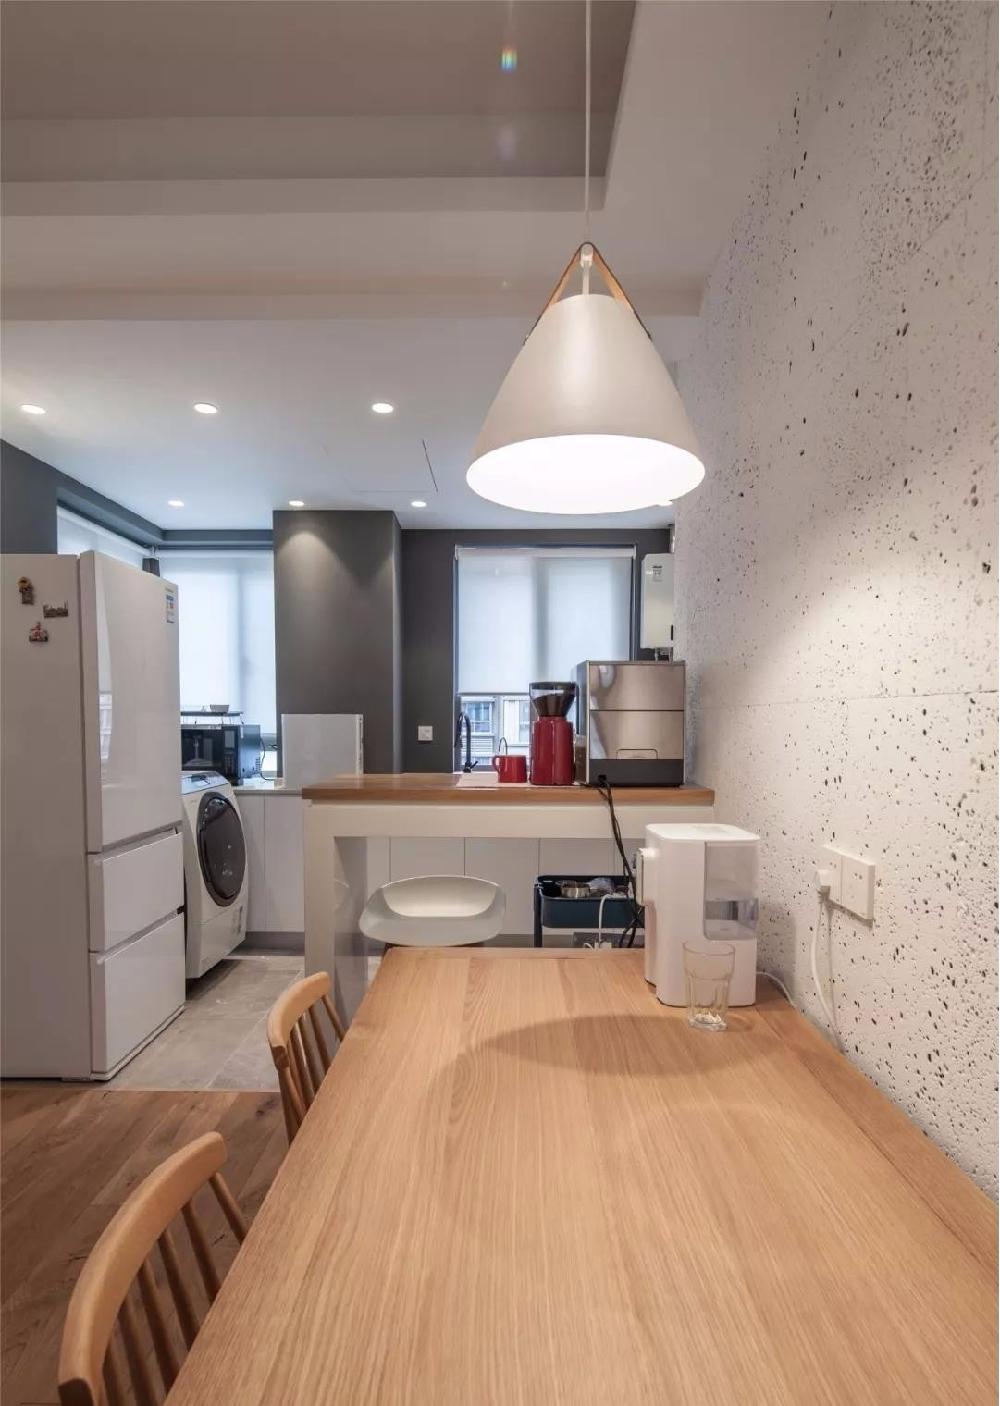 88㎡现代舒适,鞋柜+电视墙,实用大气12086419